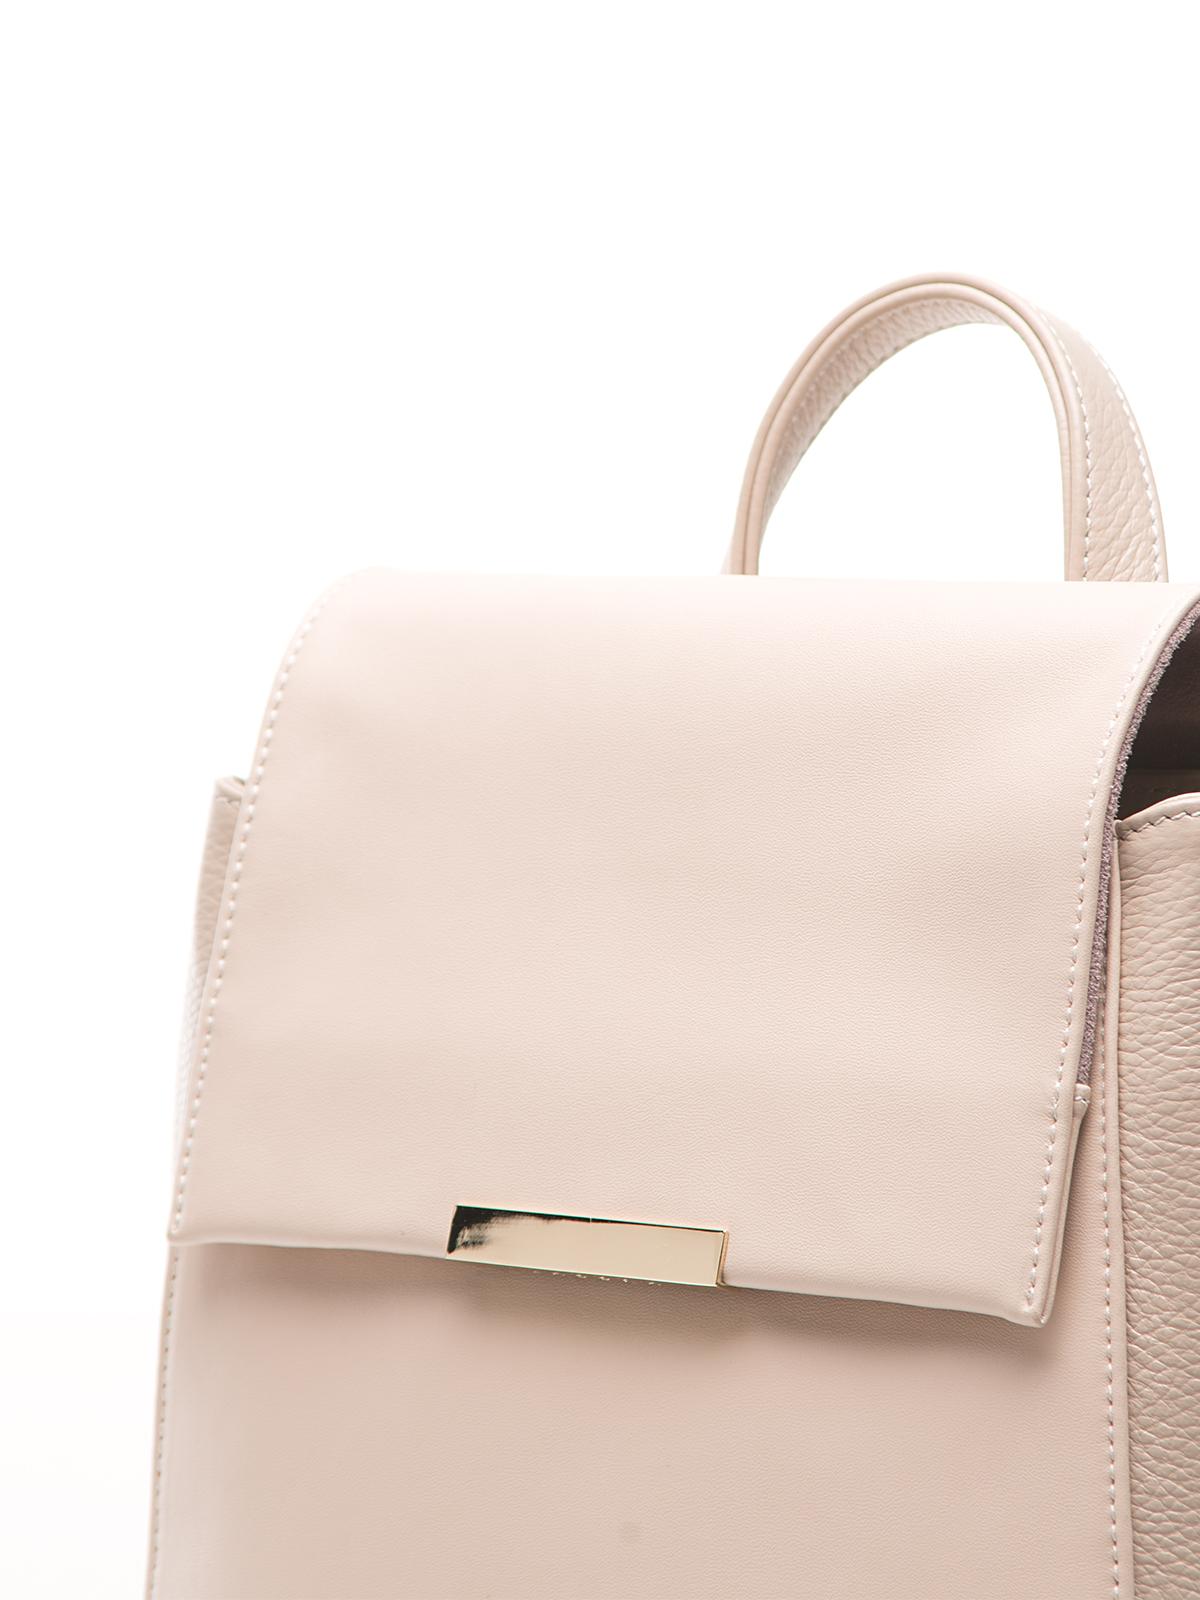 Сумка CorsoComo (Корсо Комо) Рюкзак из кожи сливочного цвета